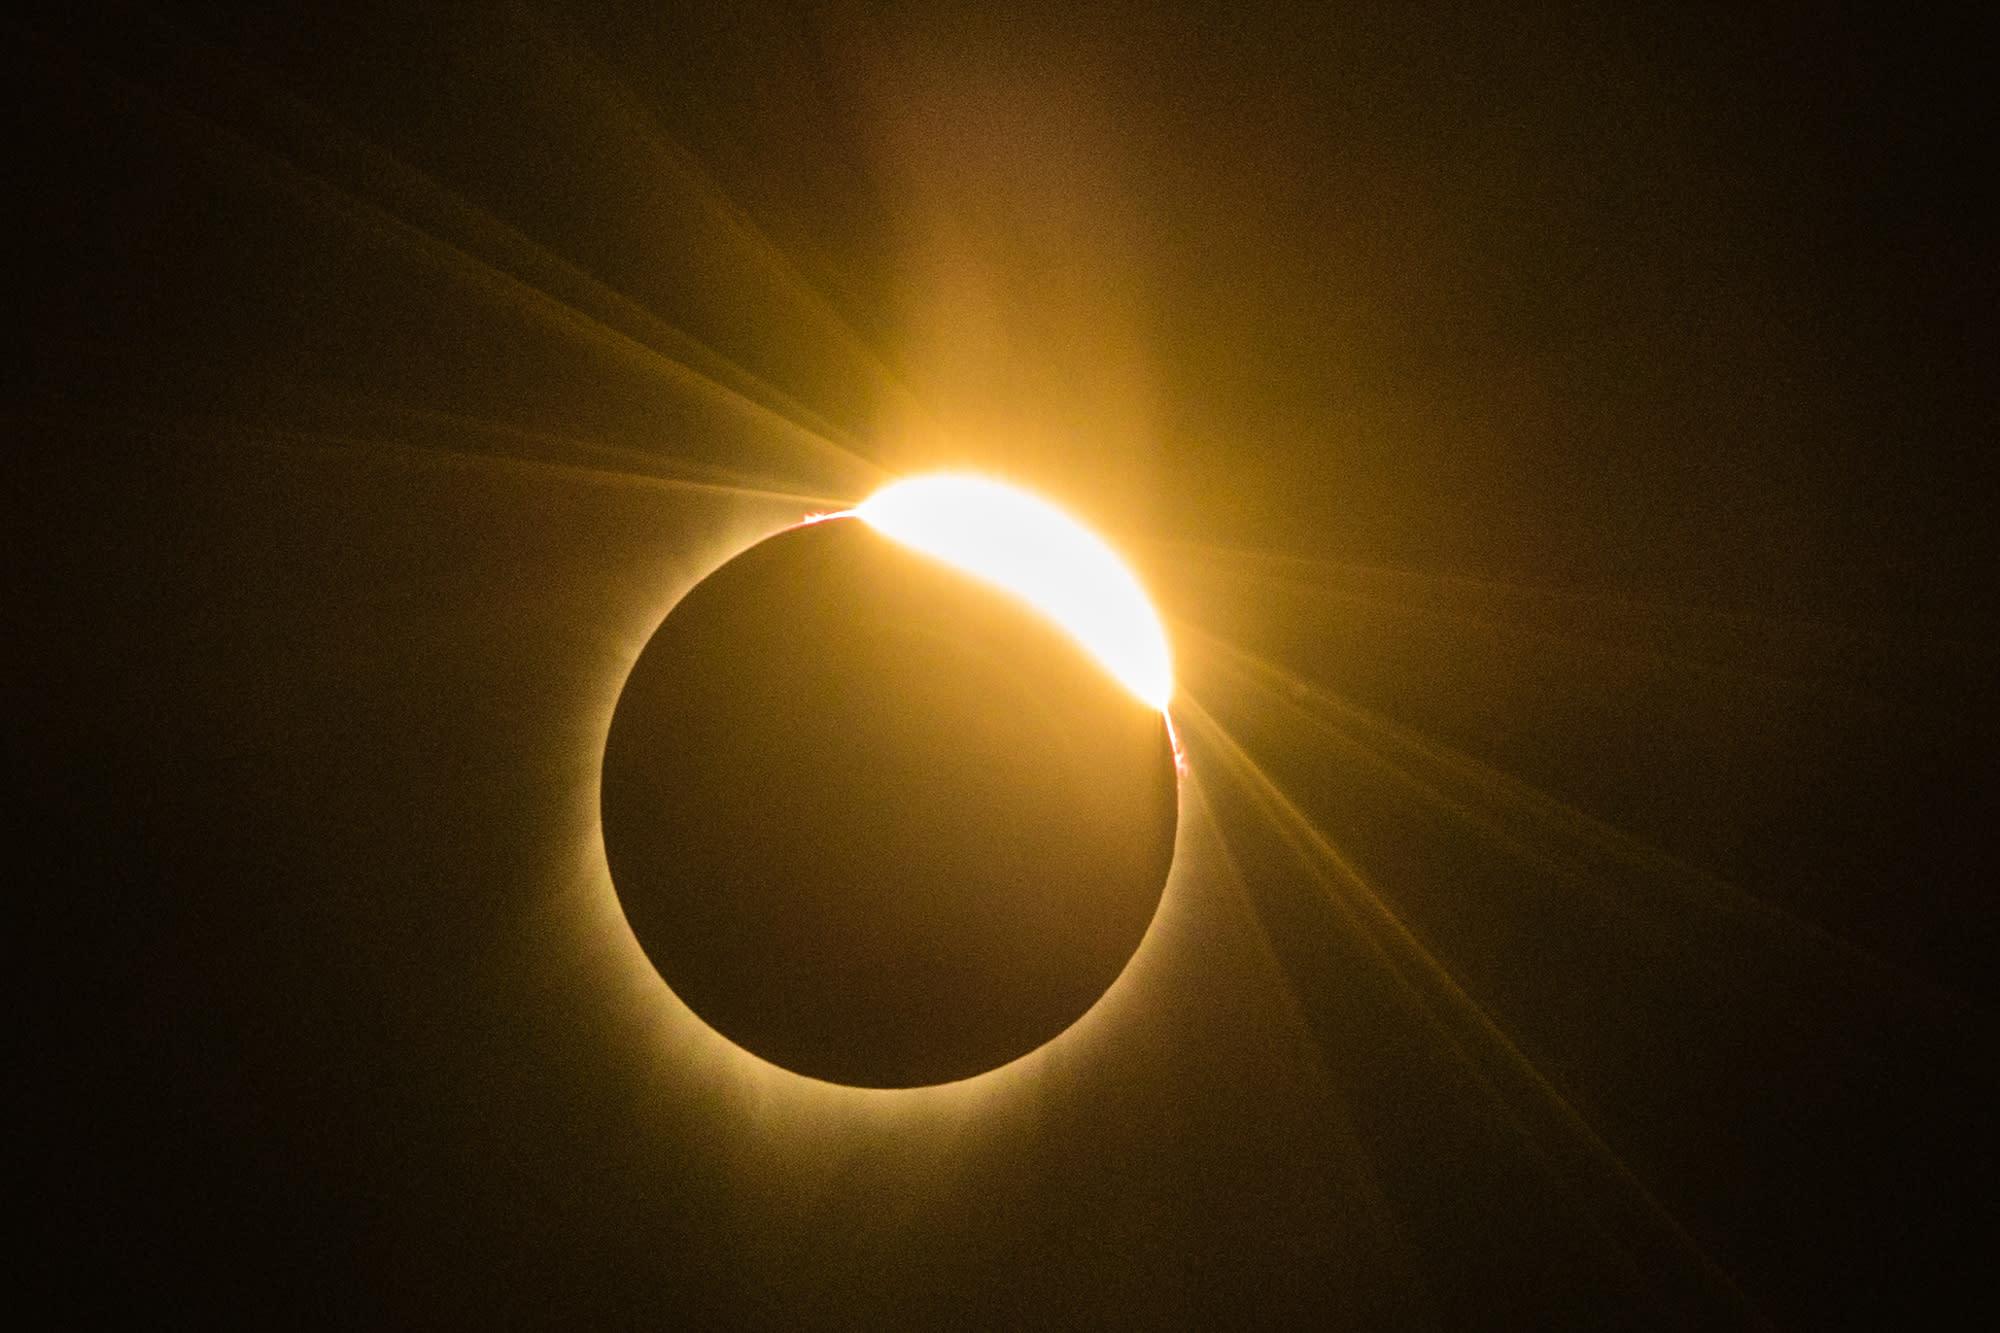 smithsonian solar eclipse - HD1360×910